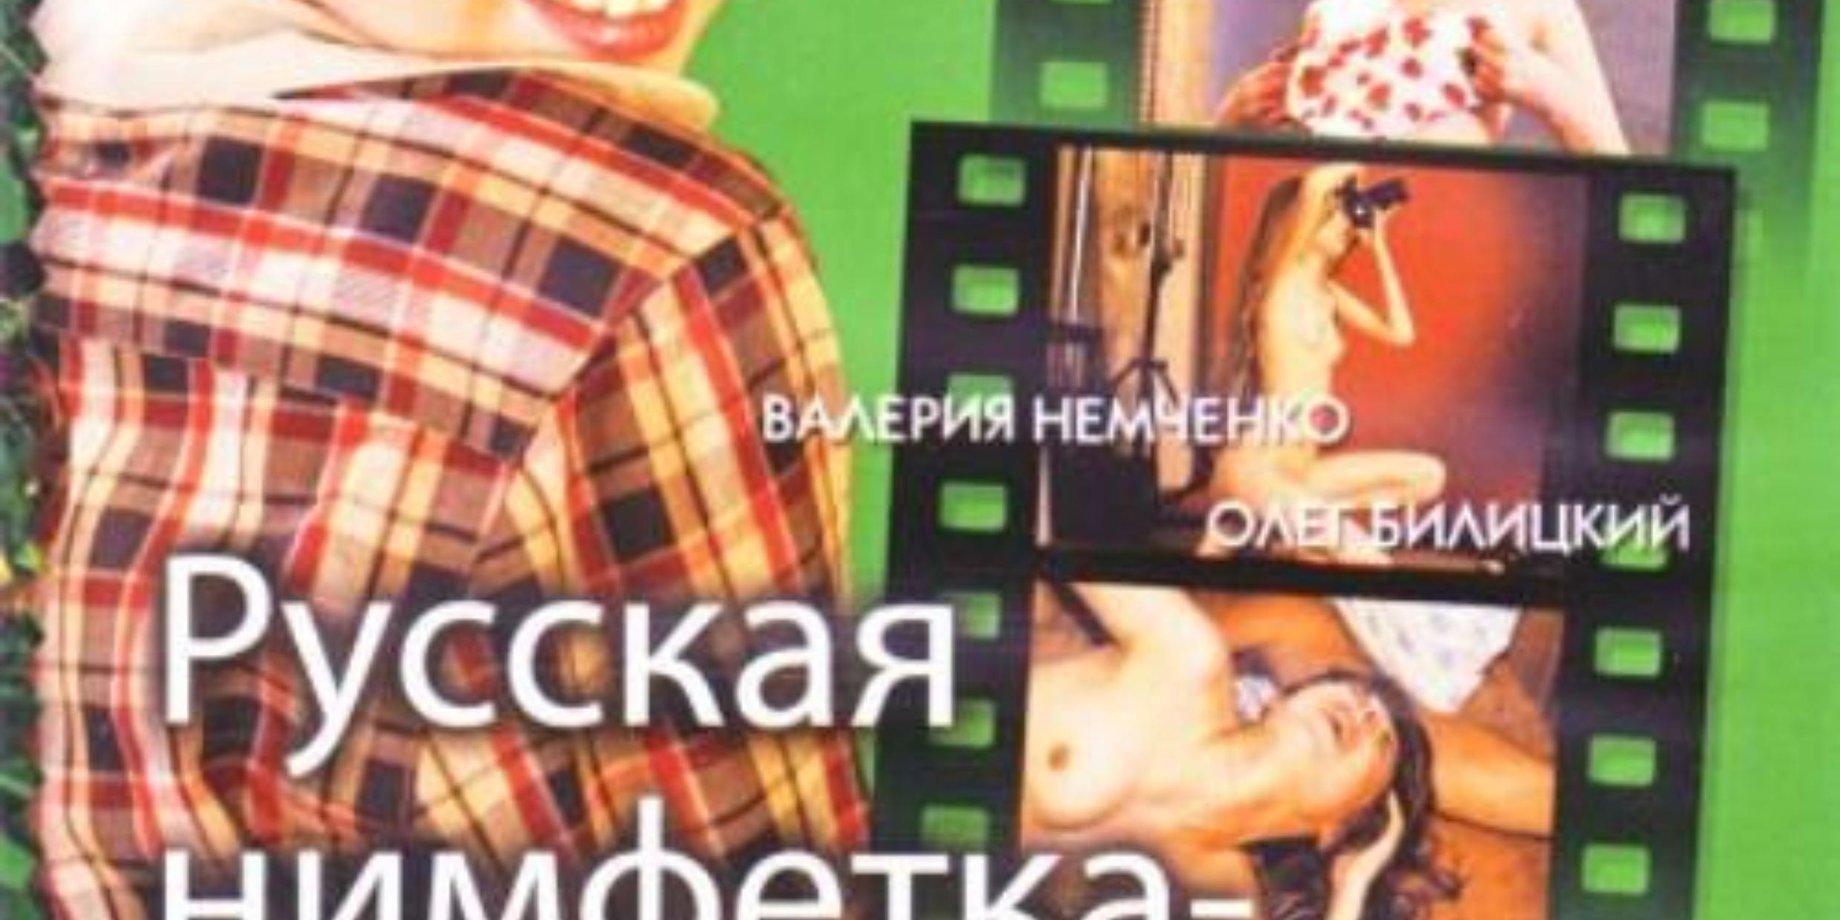 russkaya-nimfetka-iskushenie